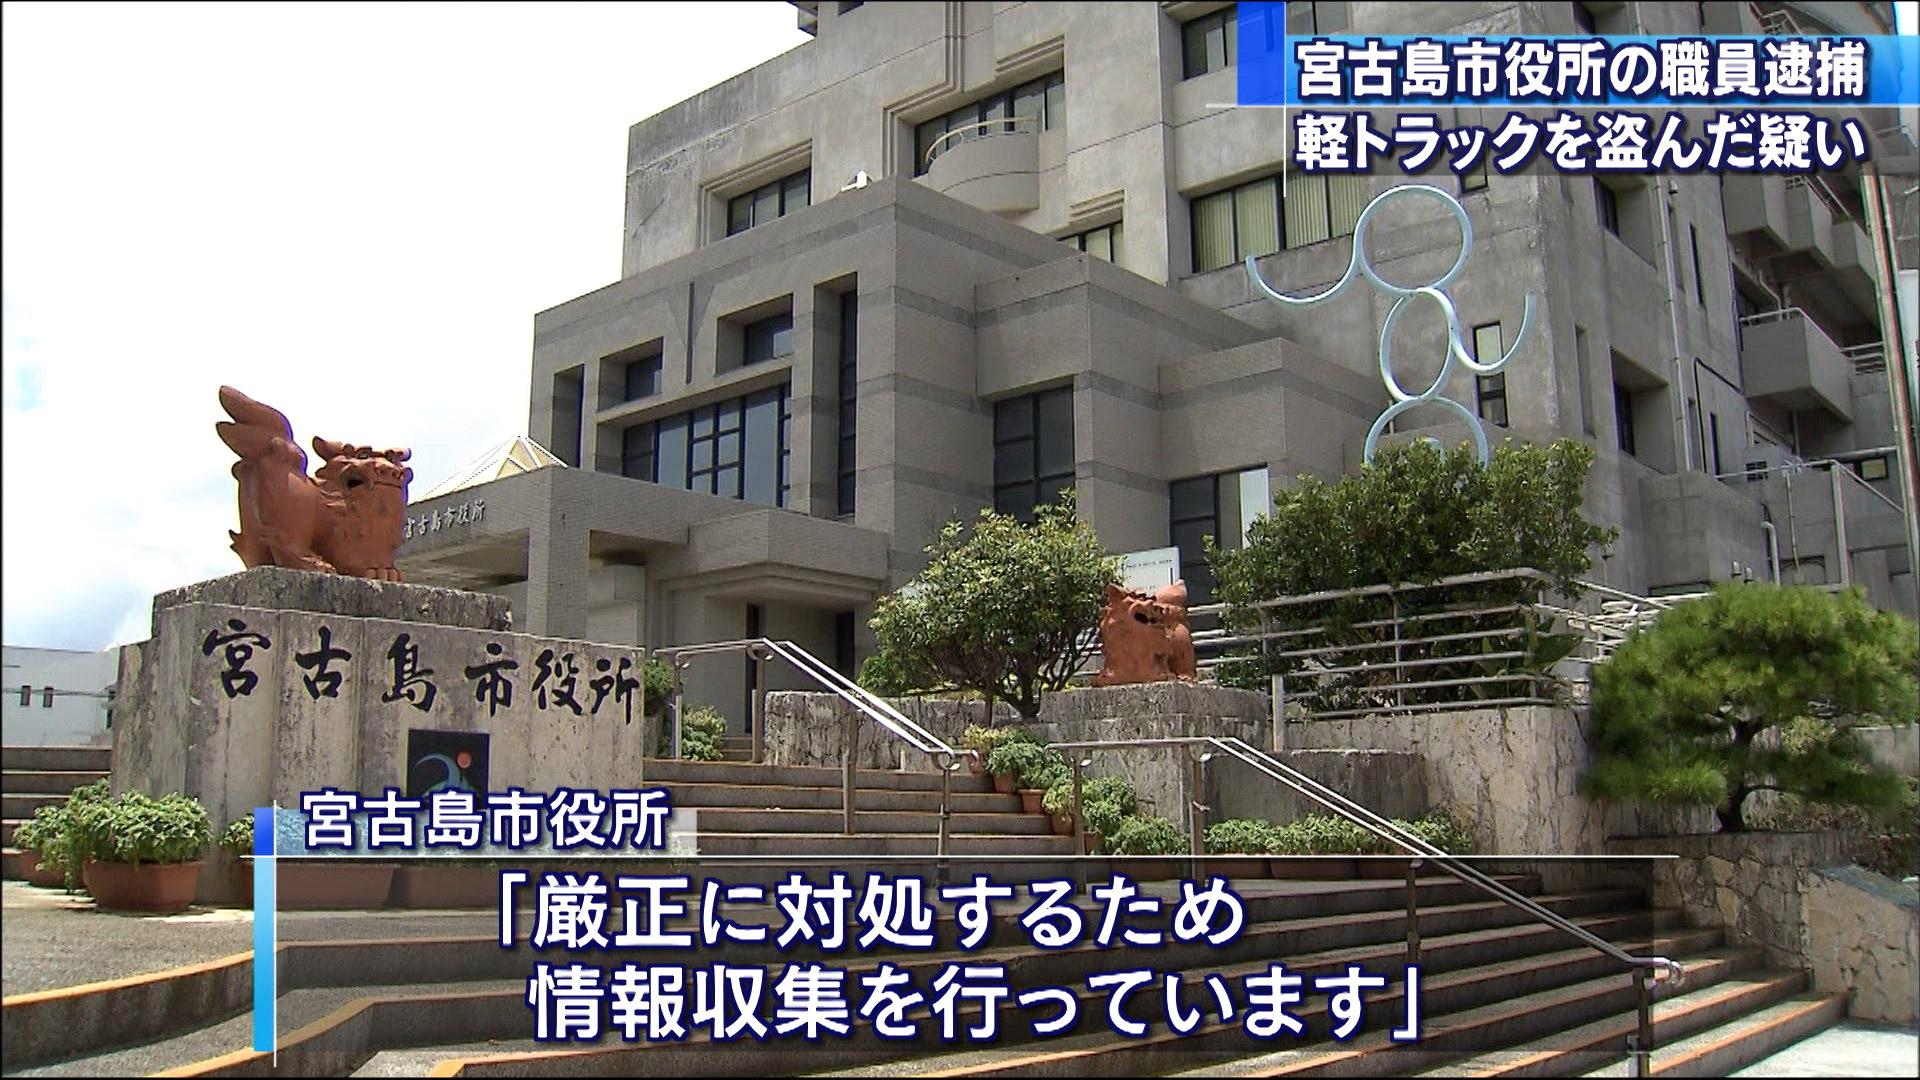 宮古島市役所の男 窃盗の疑いで逮捕